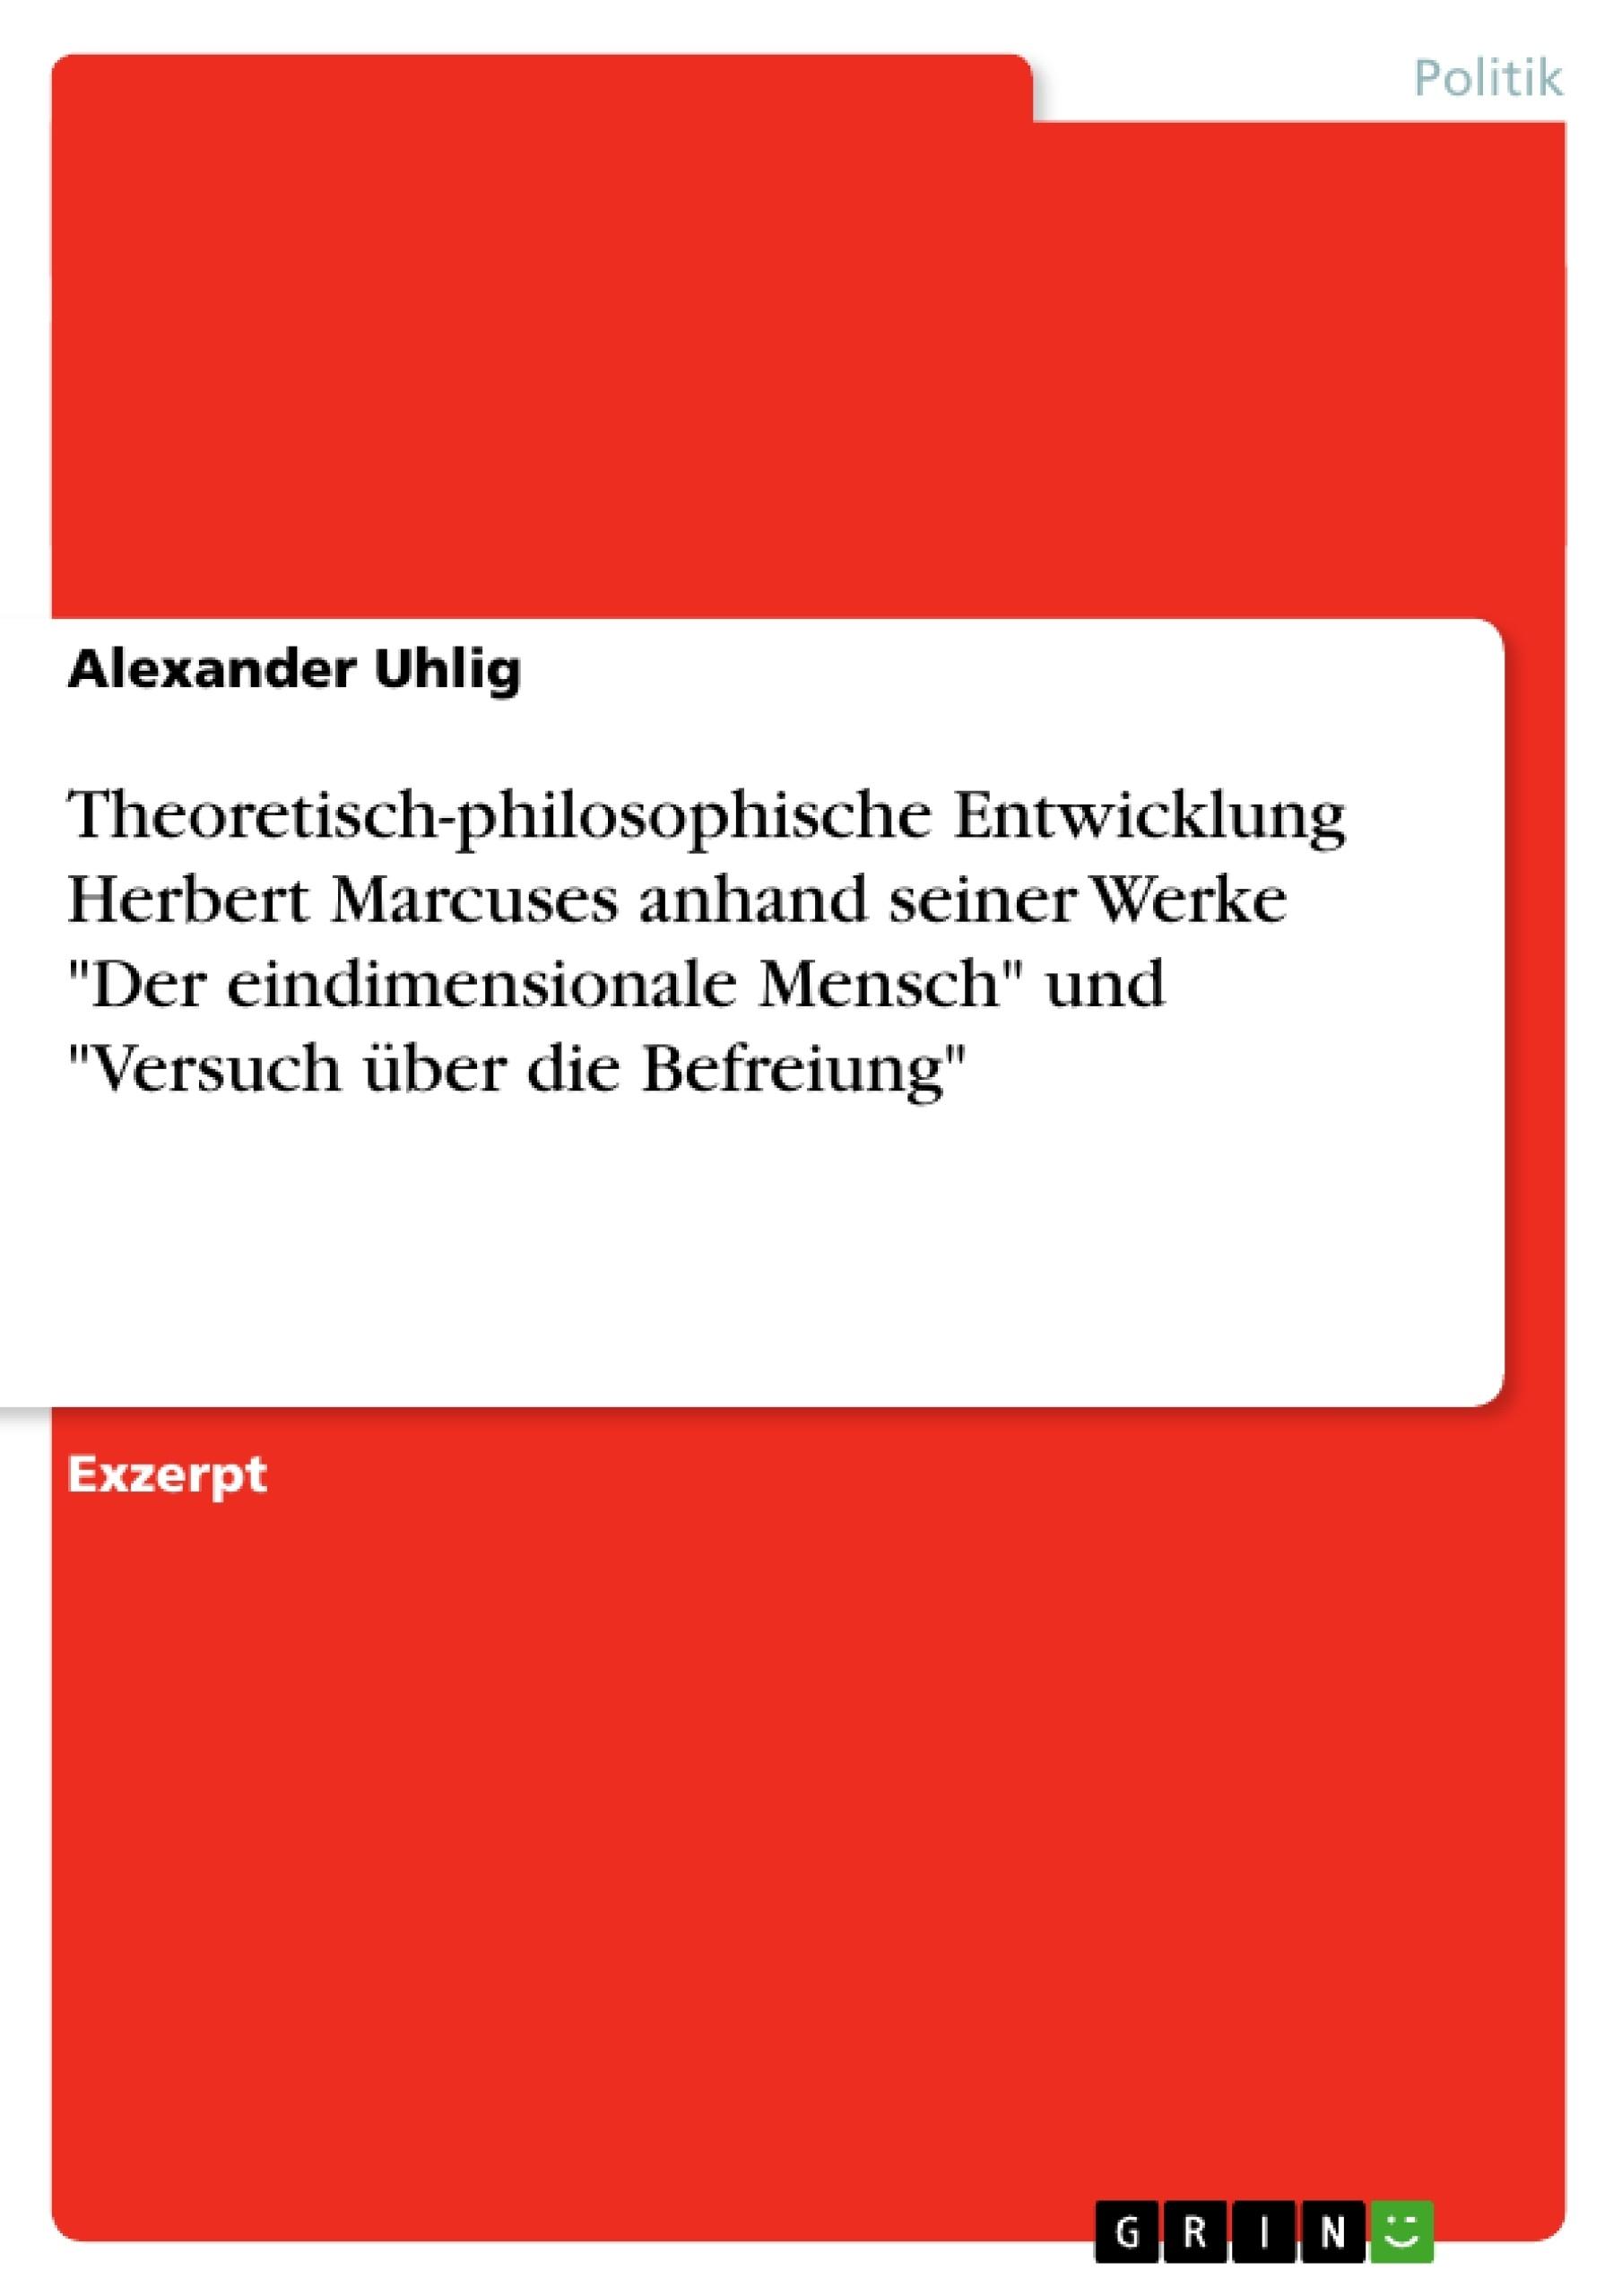 """Titel: Theoretisch-philosophische Entwicklung Herbert Marcuses anhand seiner Werke """"Der eindimensionale Mensch"""" und """"Versuch über die Befreiung"""""""